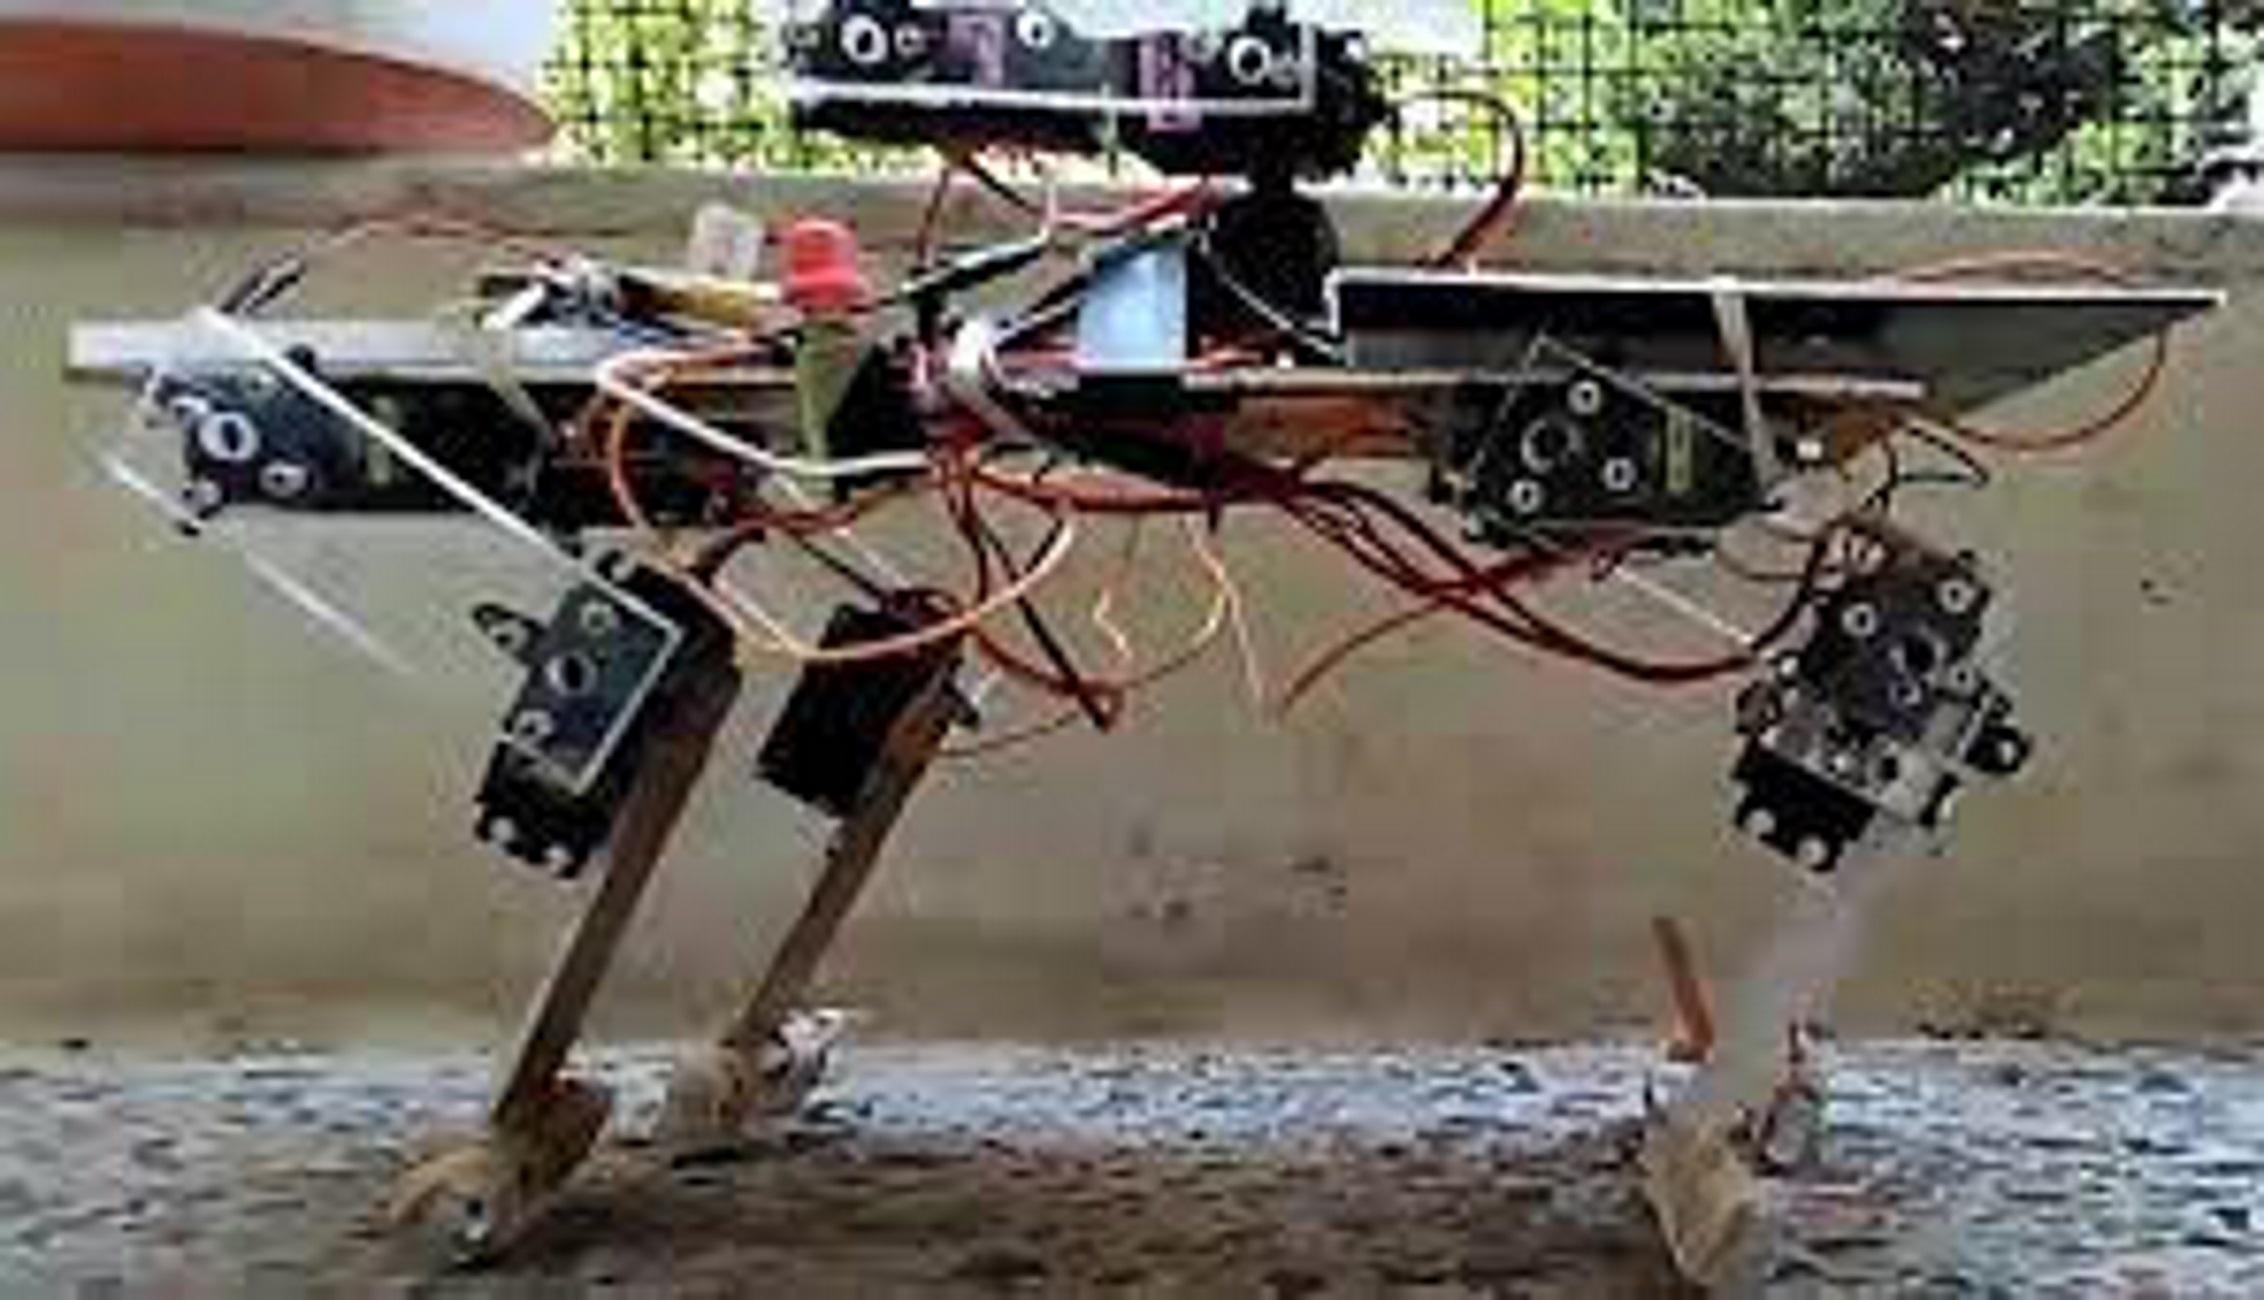 Θεσσαλονίκη: Δείτε το ρομπότ με πόδια που έφτιαξε μαθητής για την έγκαιρη ανίχνευση πυρκαγιών